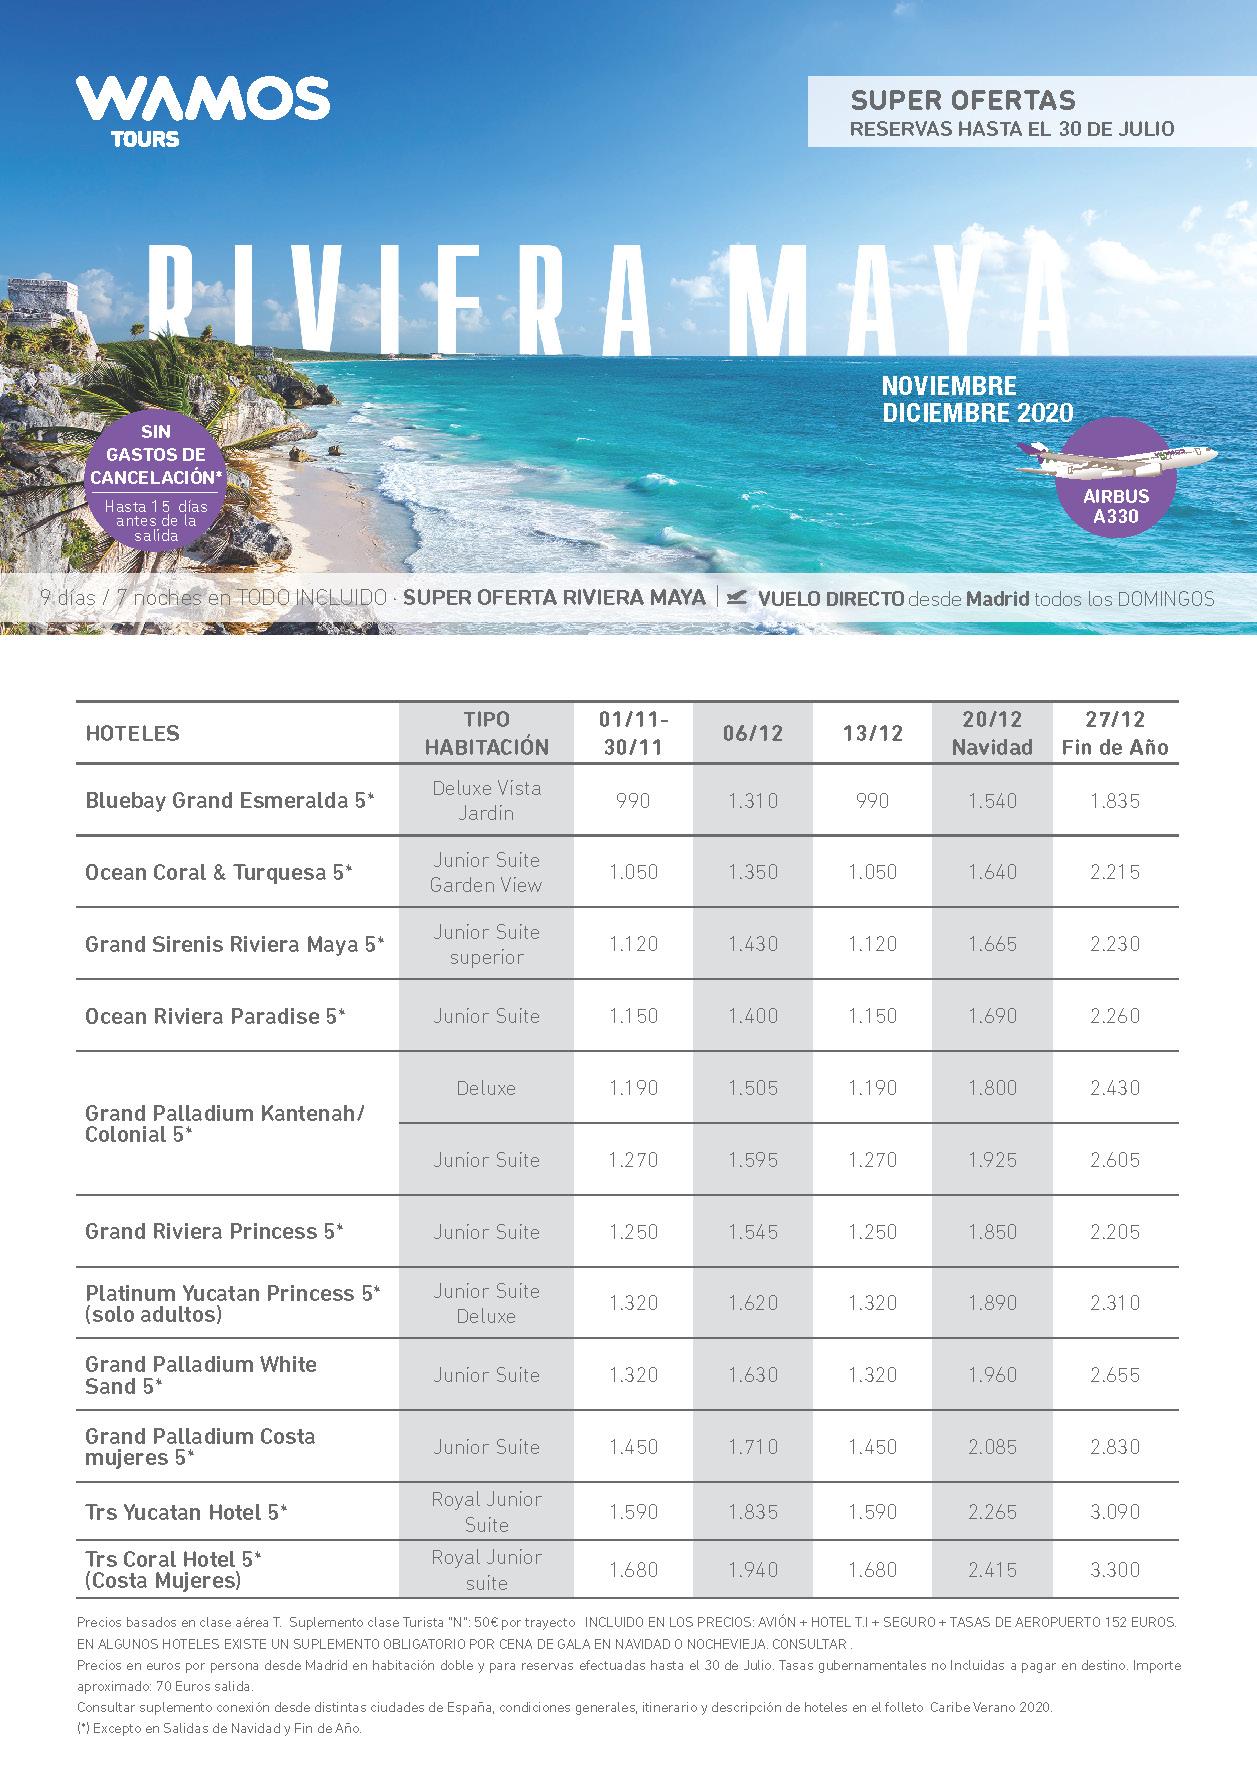 Oferta Wamos Tours Riviera Maya Todo Incluido Noviembre-Diciembre 2020 salidas vuelo directo desde Madrid